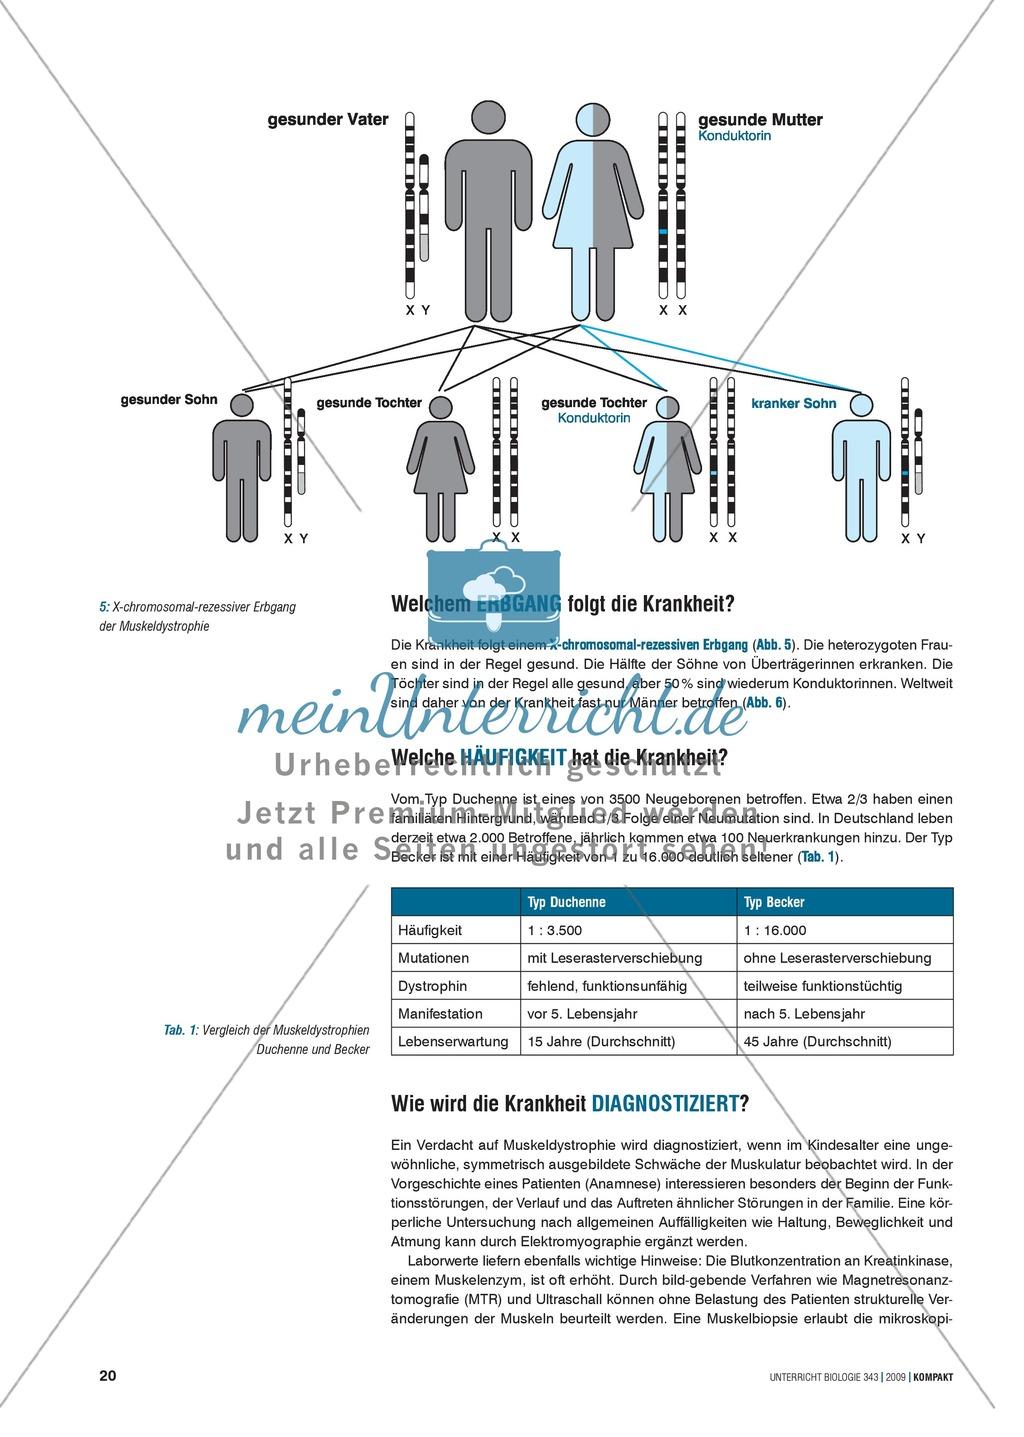 Genetik: Untersuchung erblich bedingter Erkrankungen der Muskulatur am Beispiel der Muskeldystrophie Preview 3